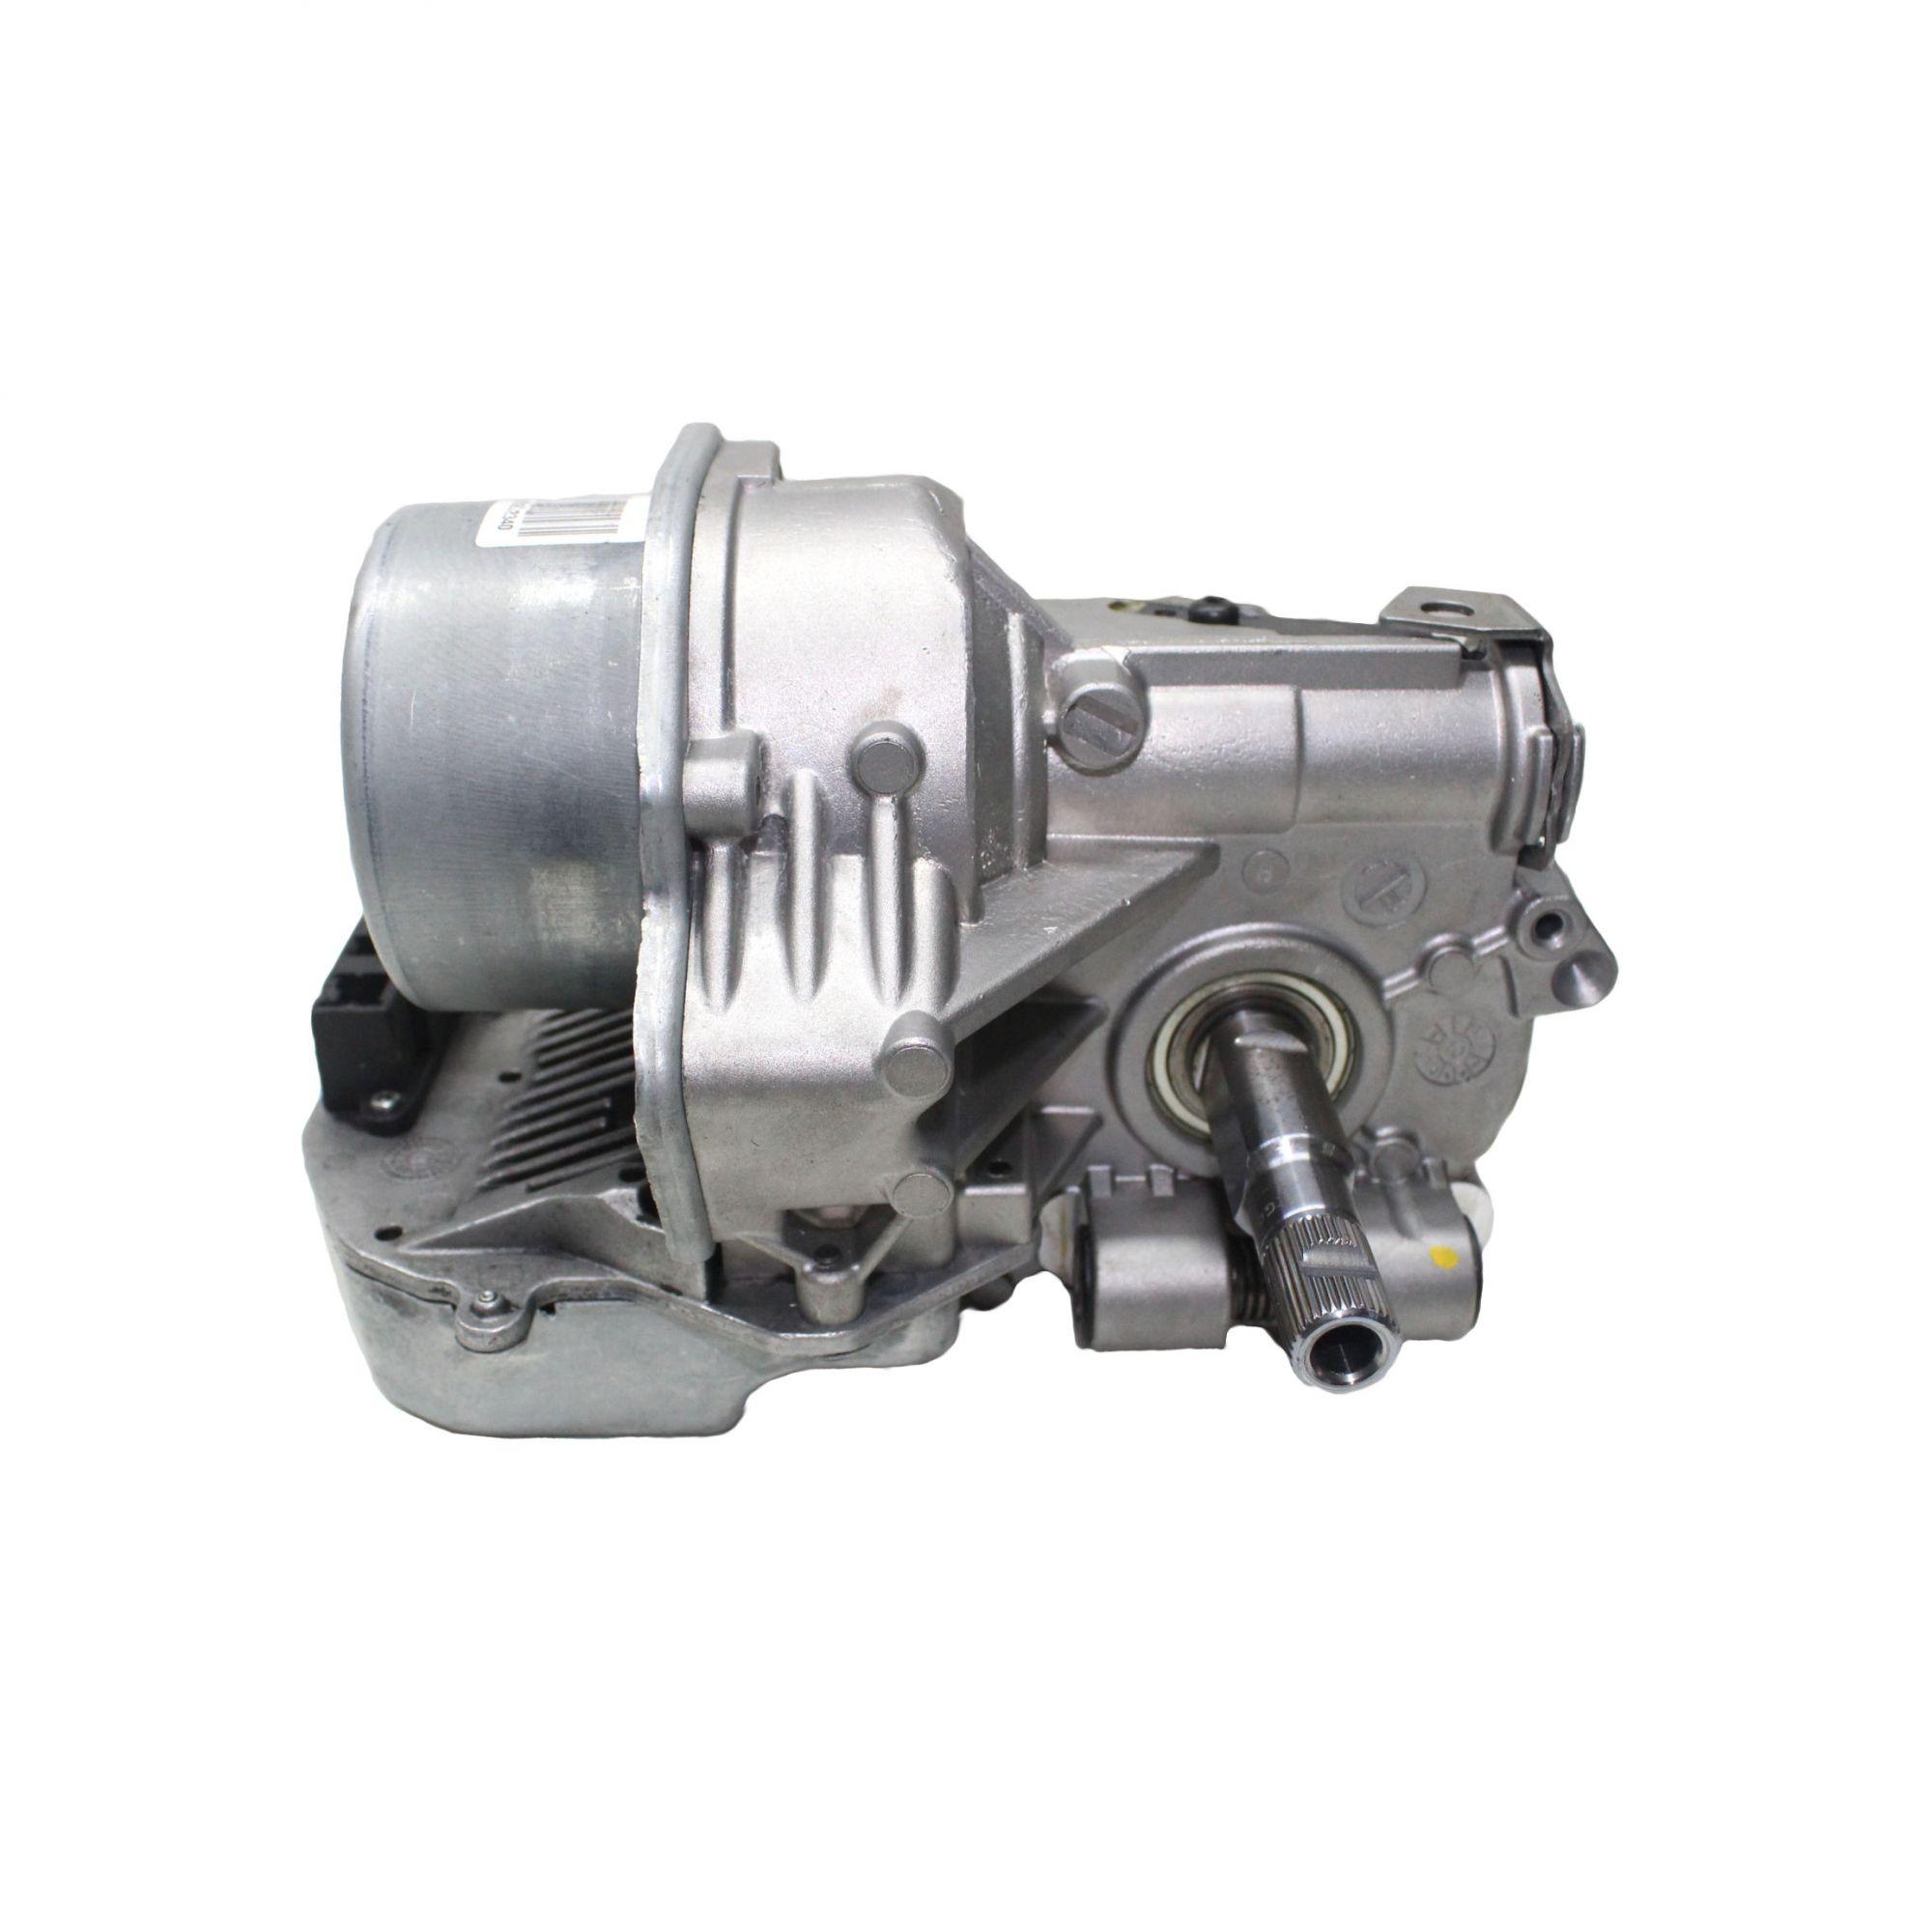 Motor Coluna Direção Elétrica I30 2009..2011, i30 CW - Remanufaturado